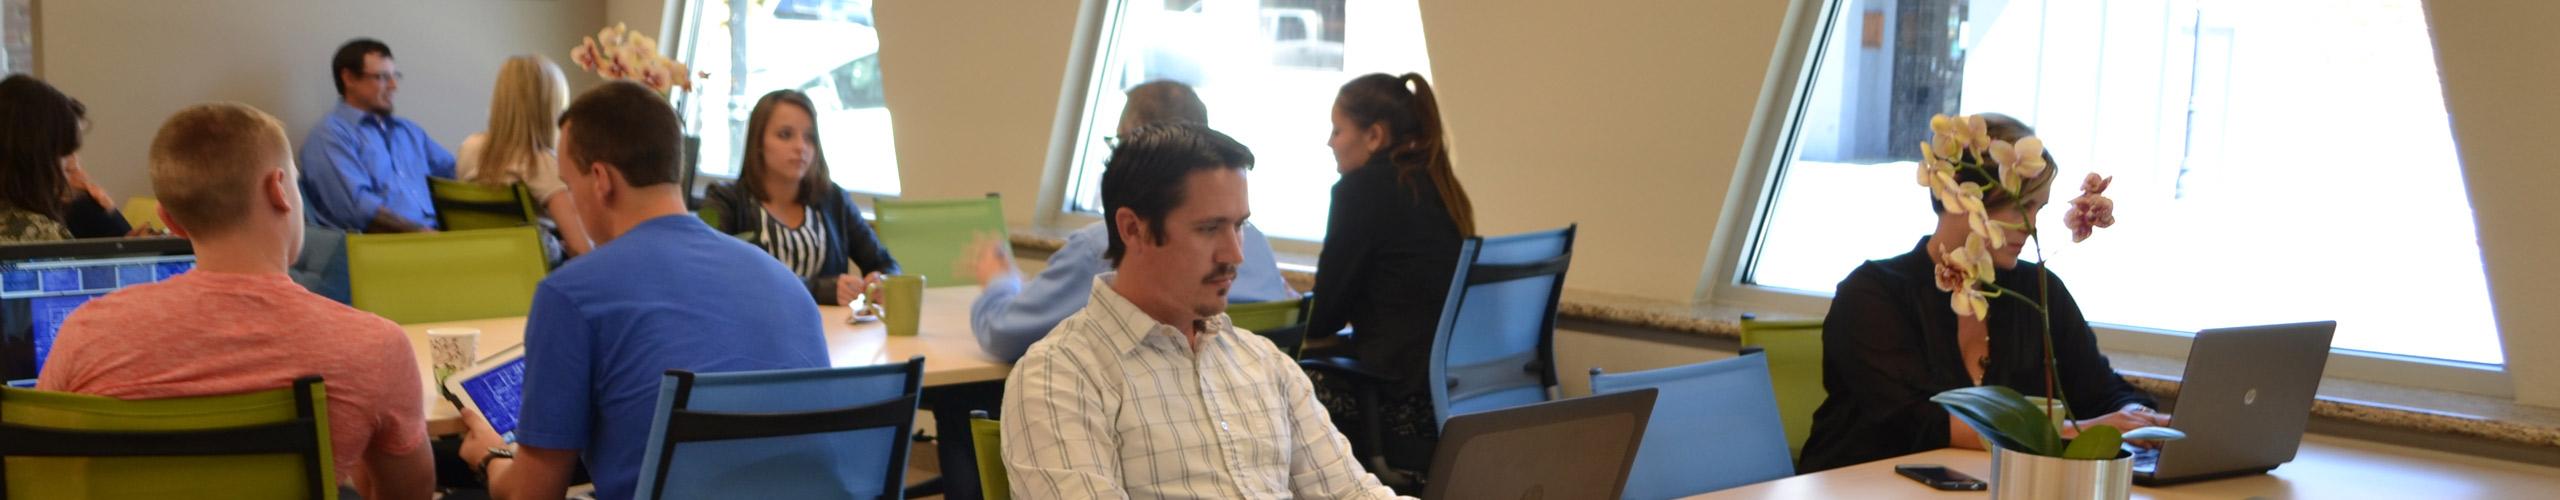 Adams Hub Co-Working Space